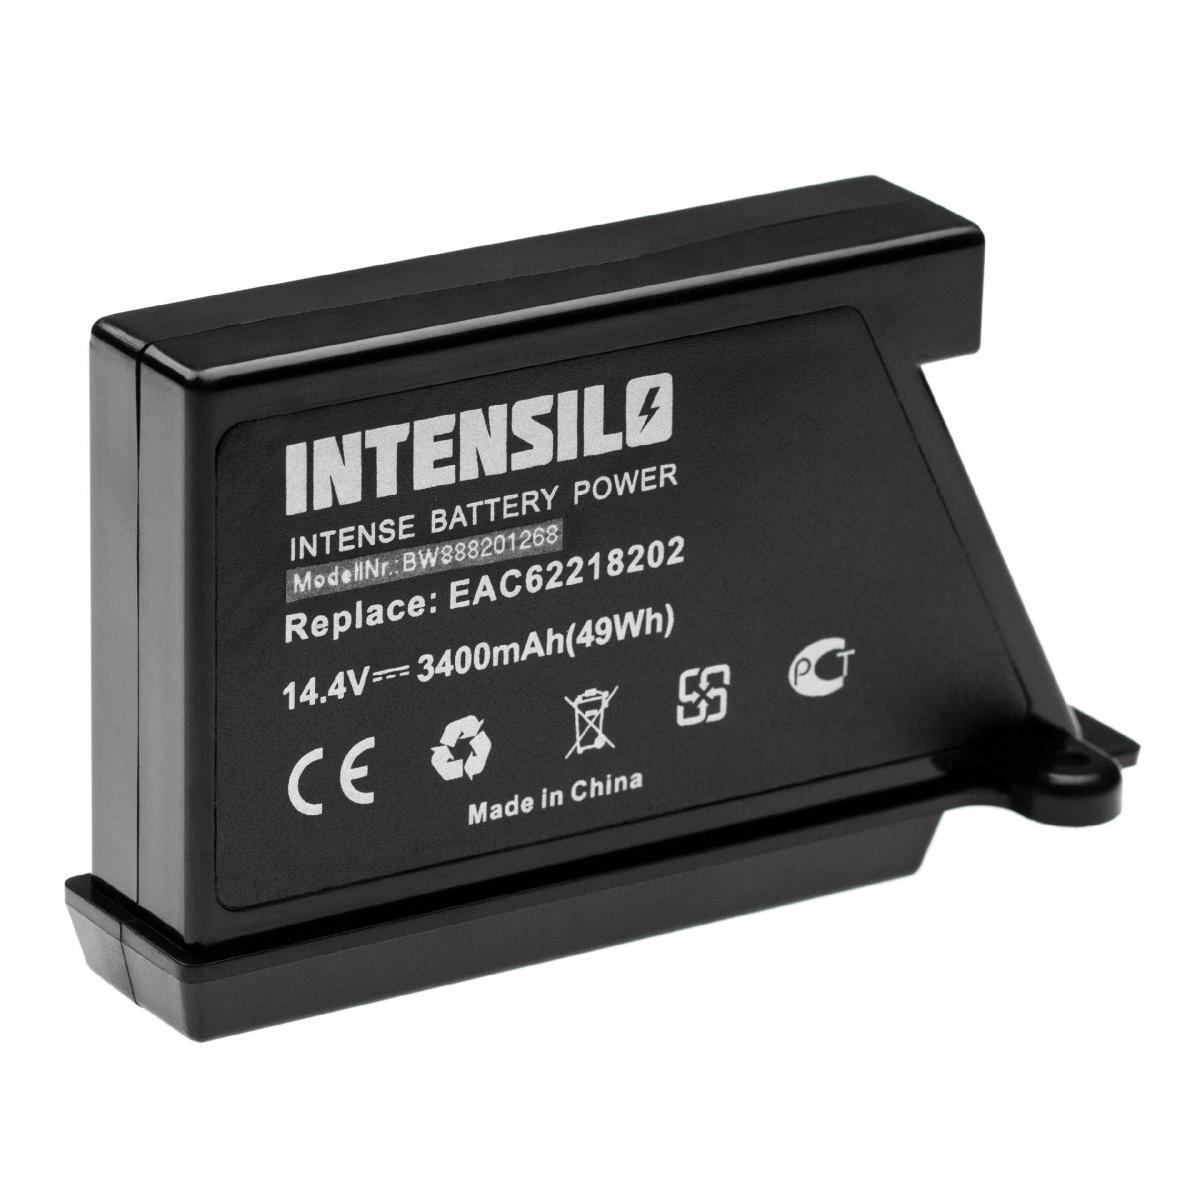 Vhbw INTENSILO Batterie compatible avec LG HOM-BOT VR6694TWR, VR7412RB, VR7428SP robot électroménager (3400mAh, 14,4V, Li-ion